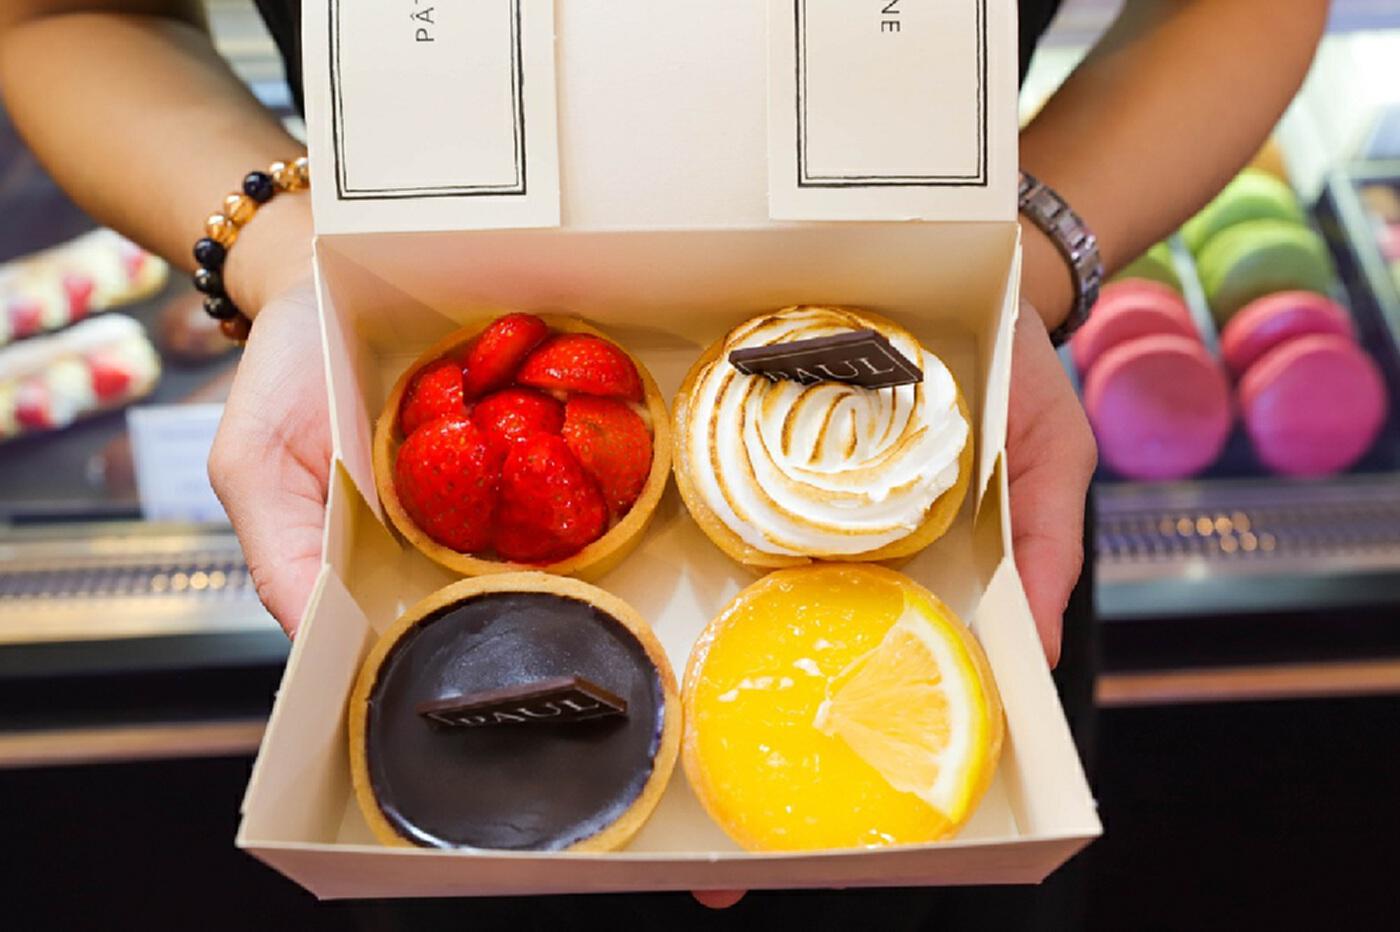 อิ่มฟินดีต่อใจ กับเมนูของหวานในงาน Signature Sweets 2021